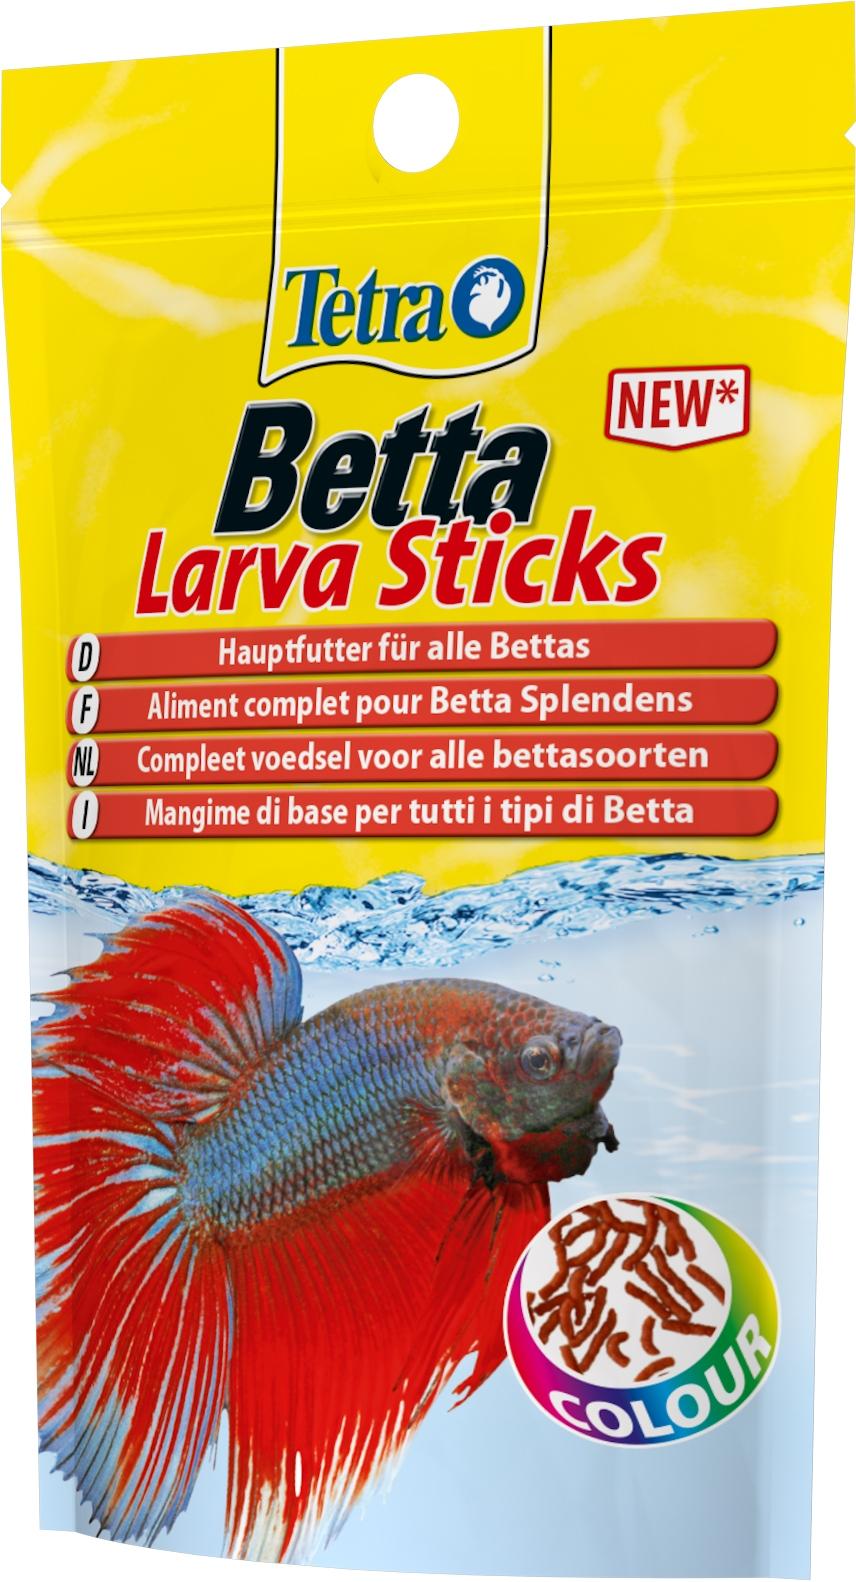 Tetra Betta Food Review